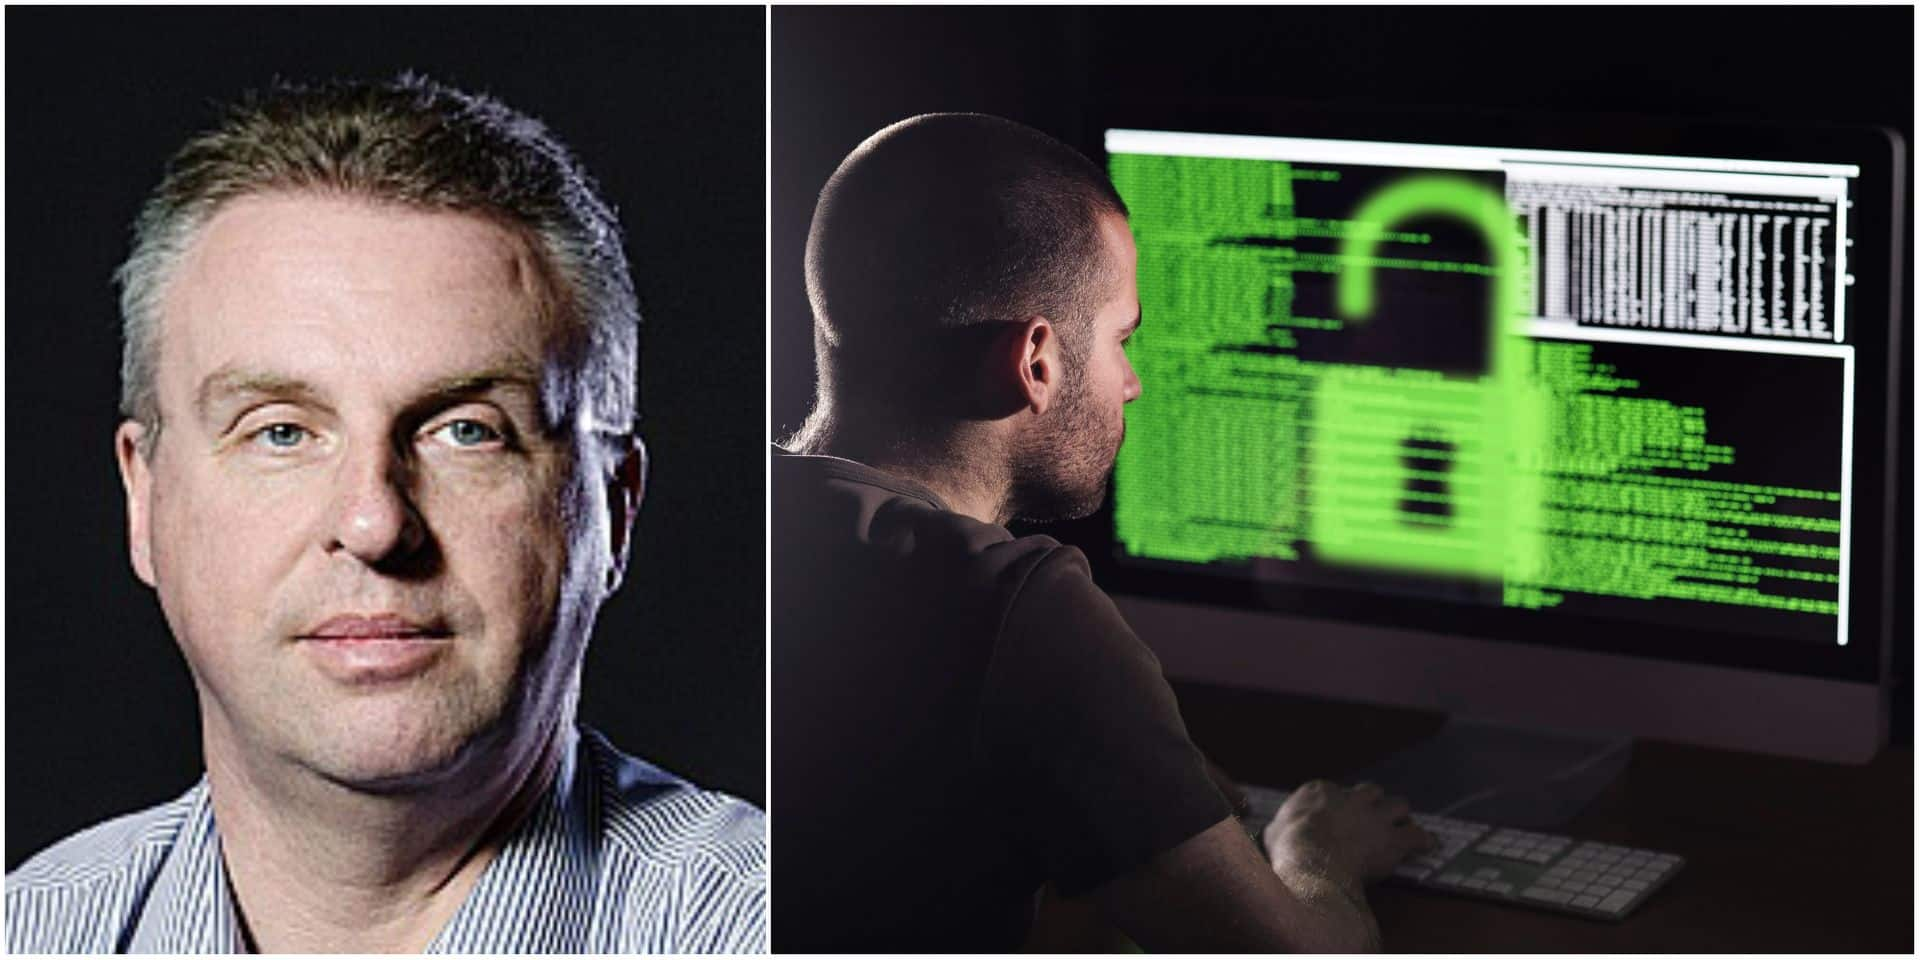 Dernière humeur : le hacking, spécialité russe